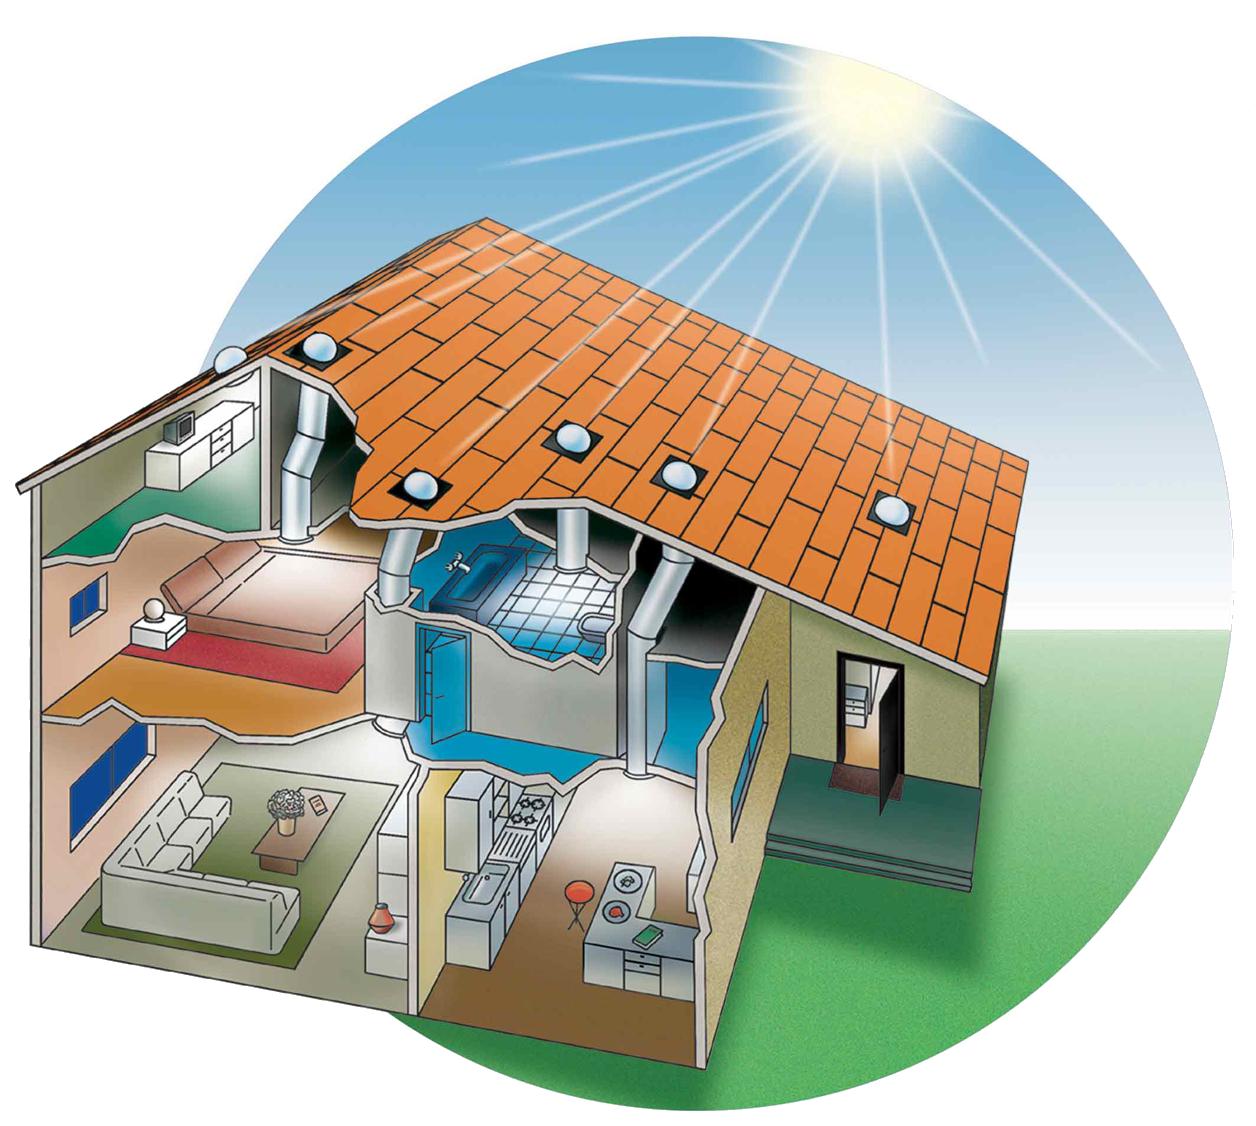 schema_solarspot